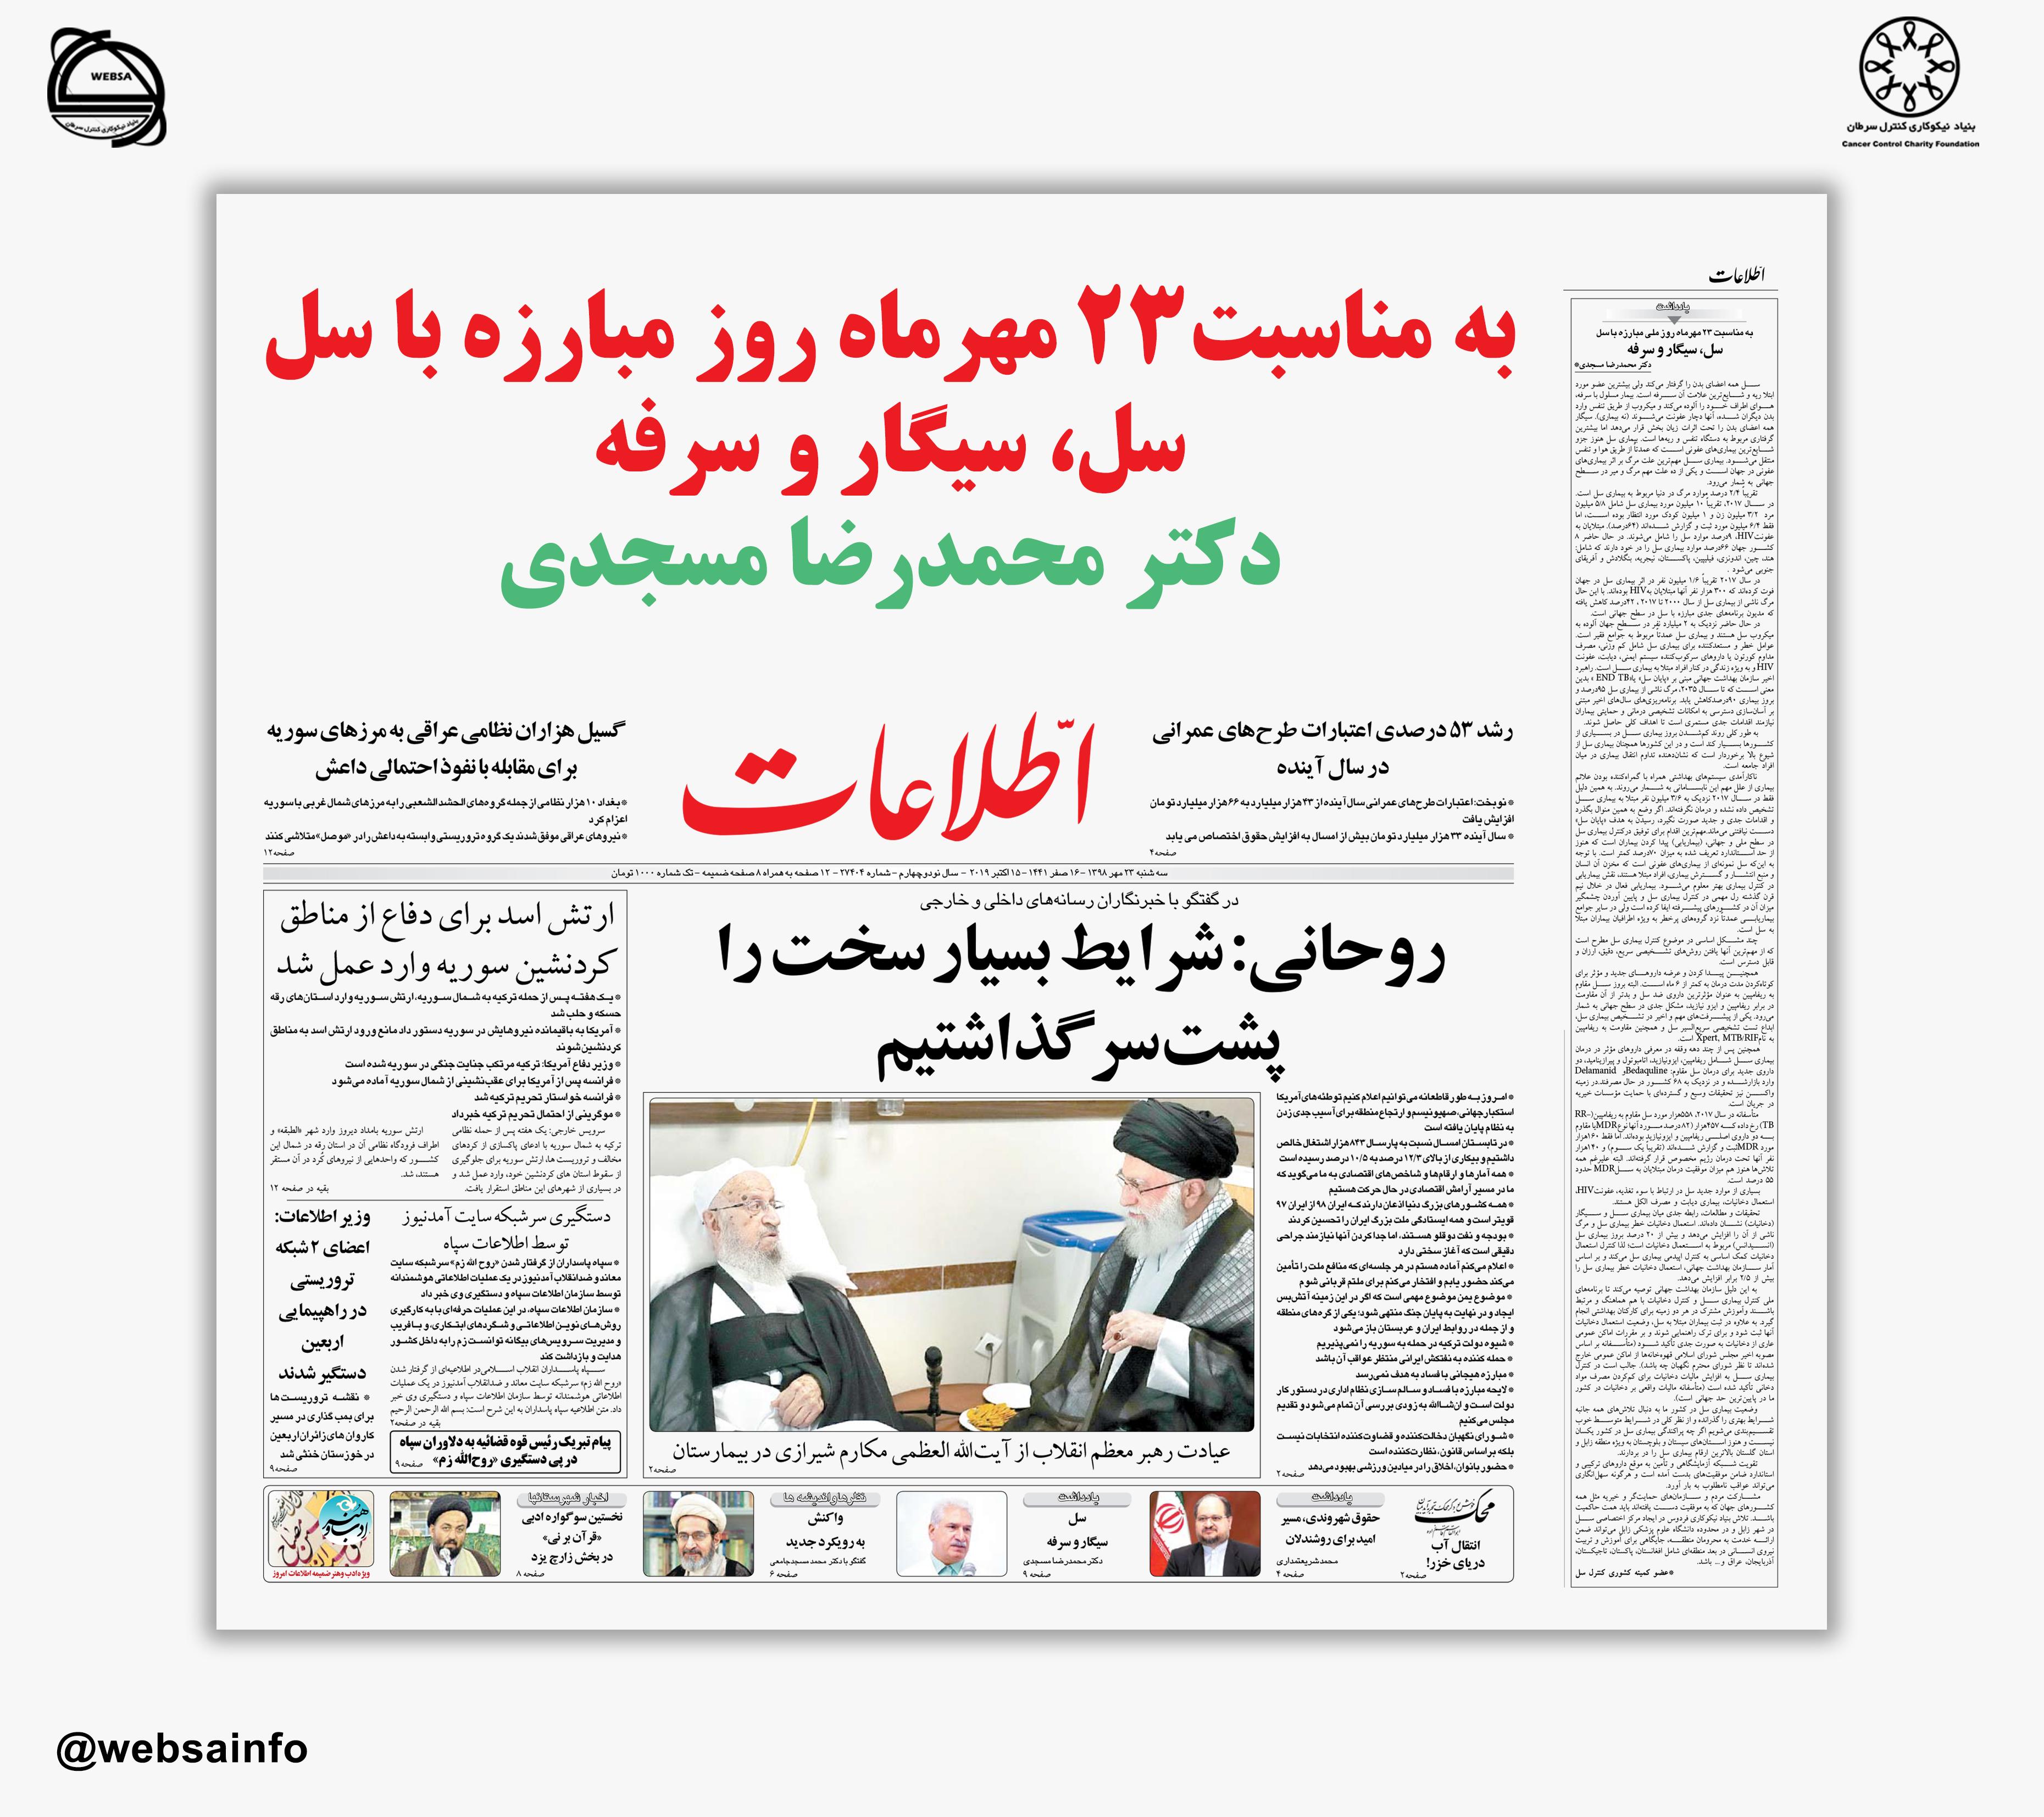 """به مناسبت۲۳ مهرماه روز مبارزه با سل """"سل، سیگار و سرفه""""/ دکتر محمدرضا مسجدی"""